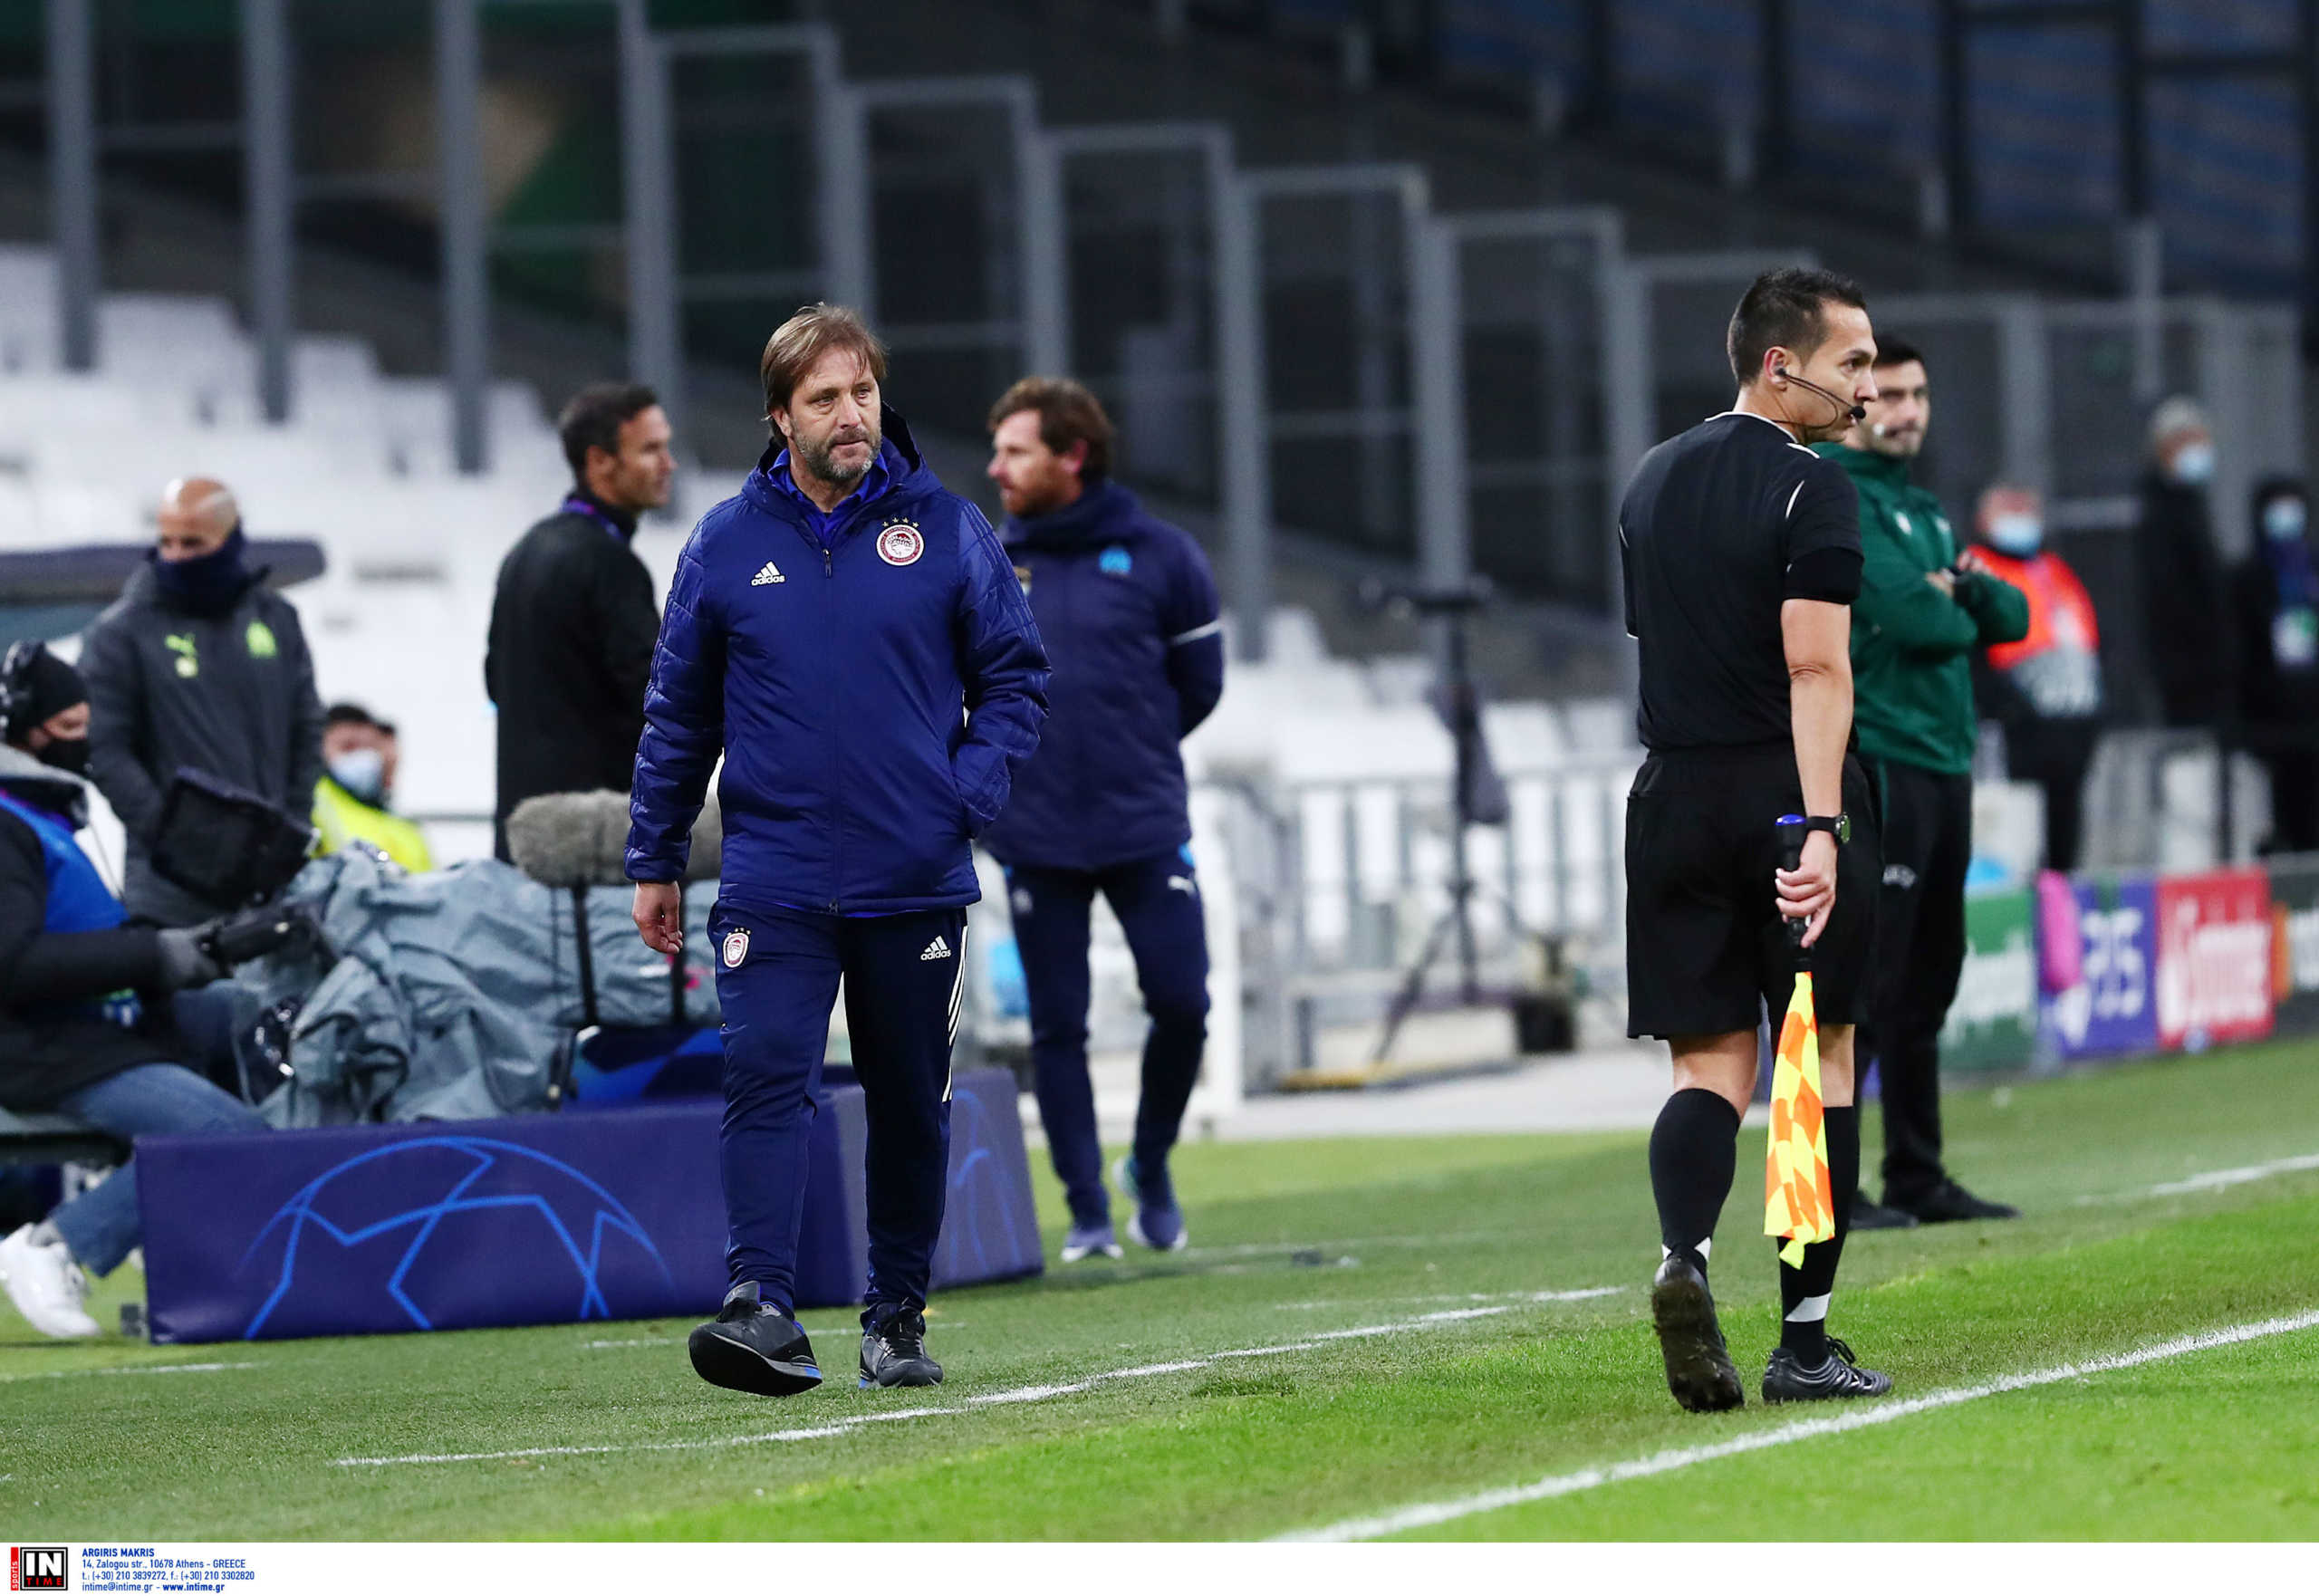 """Ολυμπιακός: Ενοχλημένος κι ο Μαρτίνς! """"Άσχημο να γίνονται αυτά στο Champions League"""" (video)"""